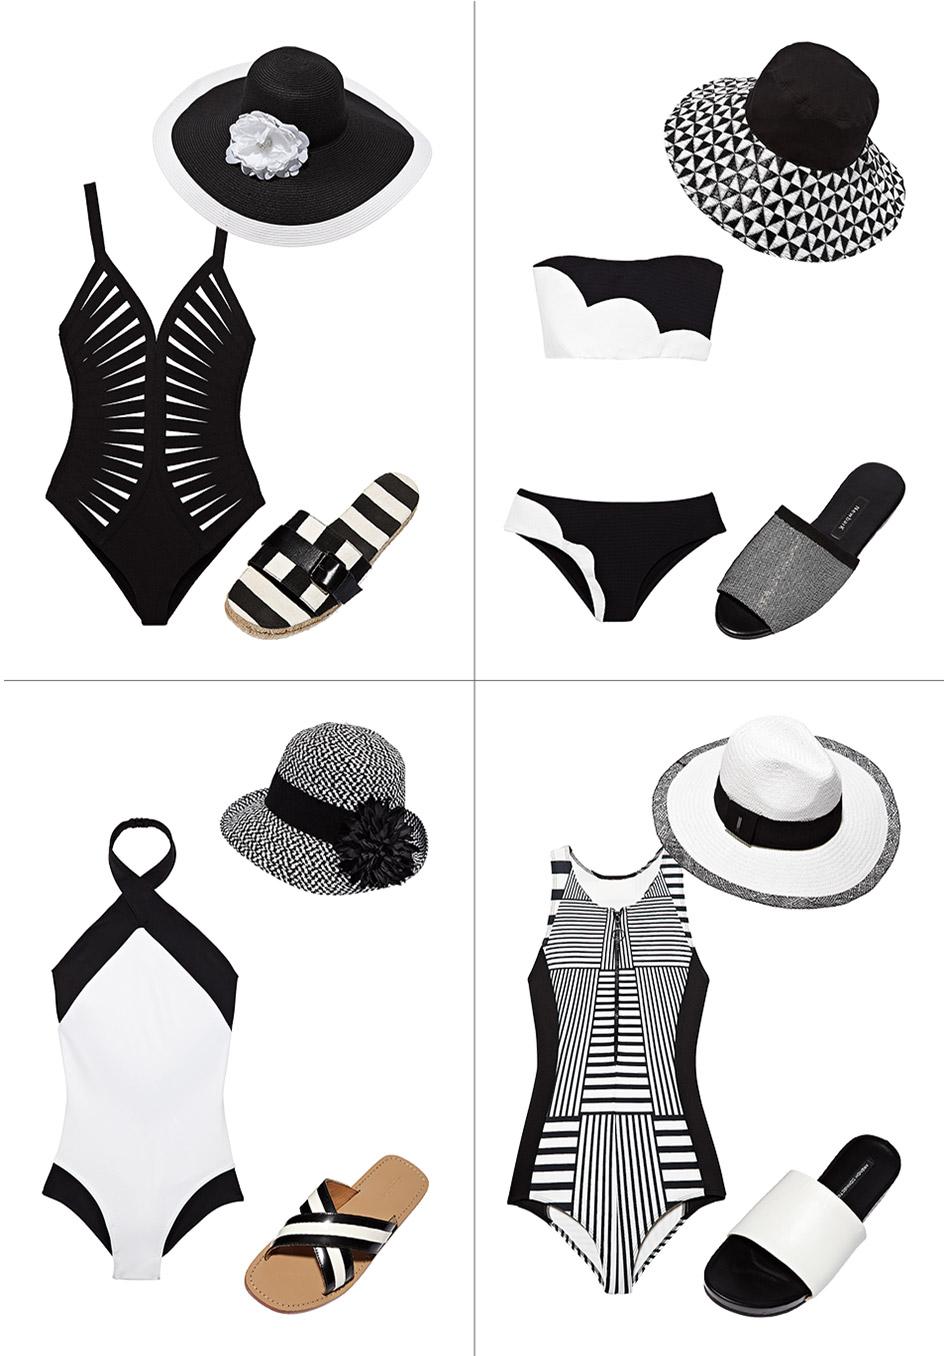 модные купальники лето 2014: графический дизайн и черно-белое, шляпки и шлепки